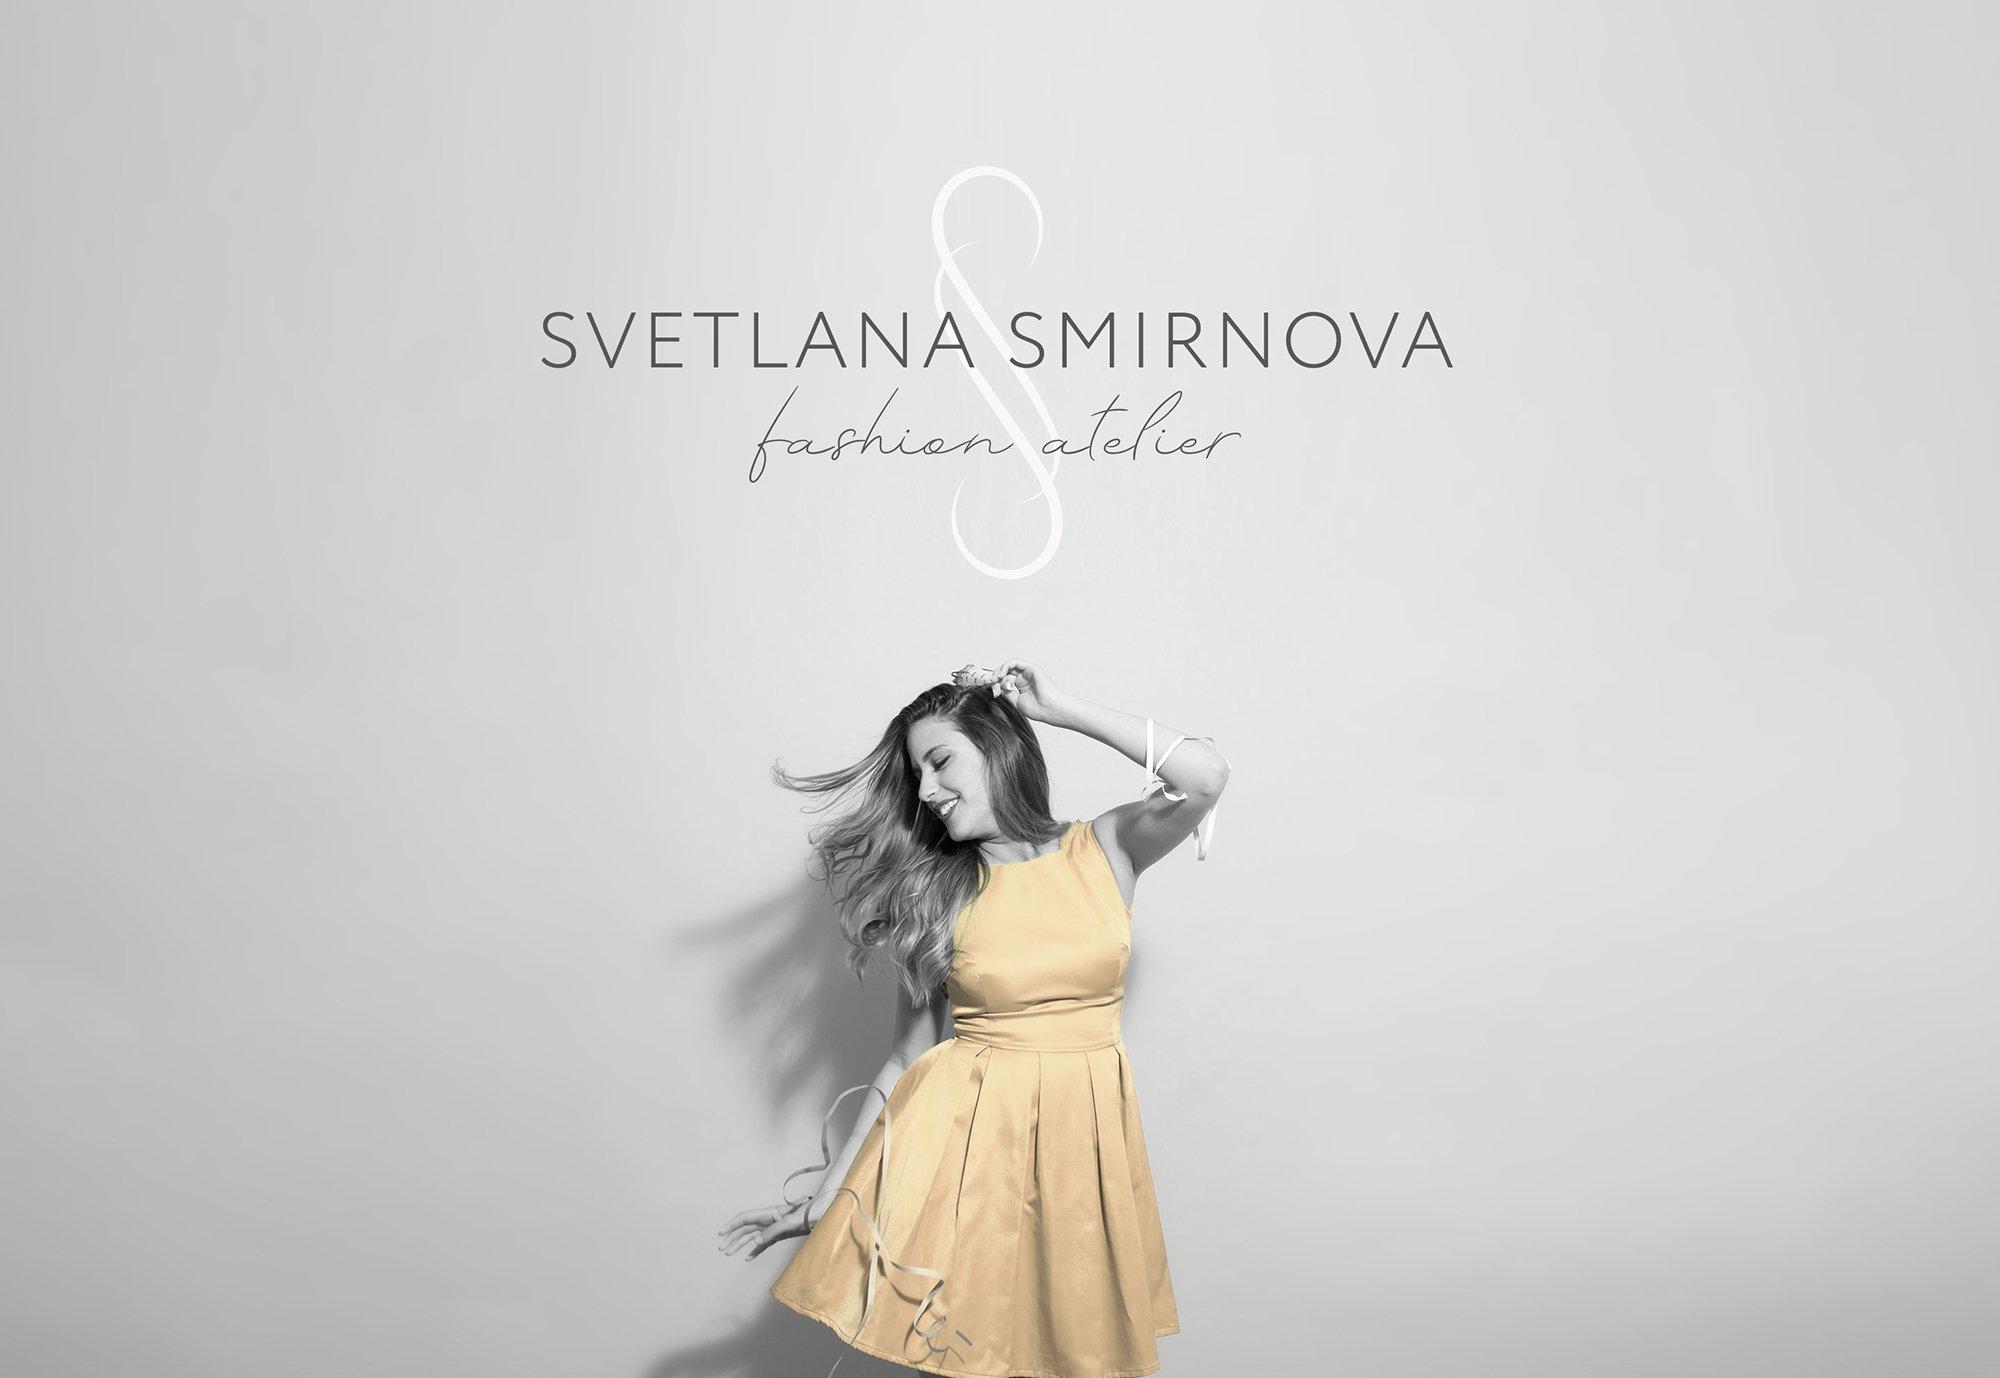 Smirnova-01